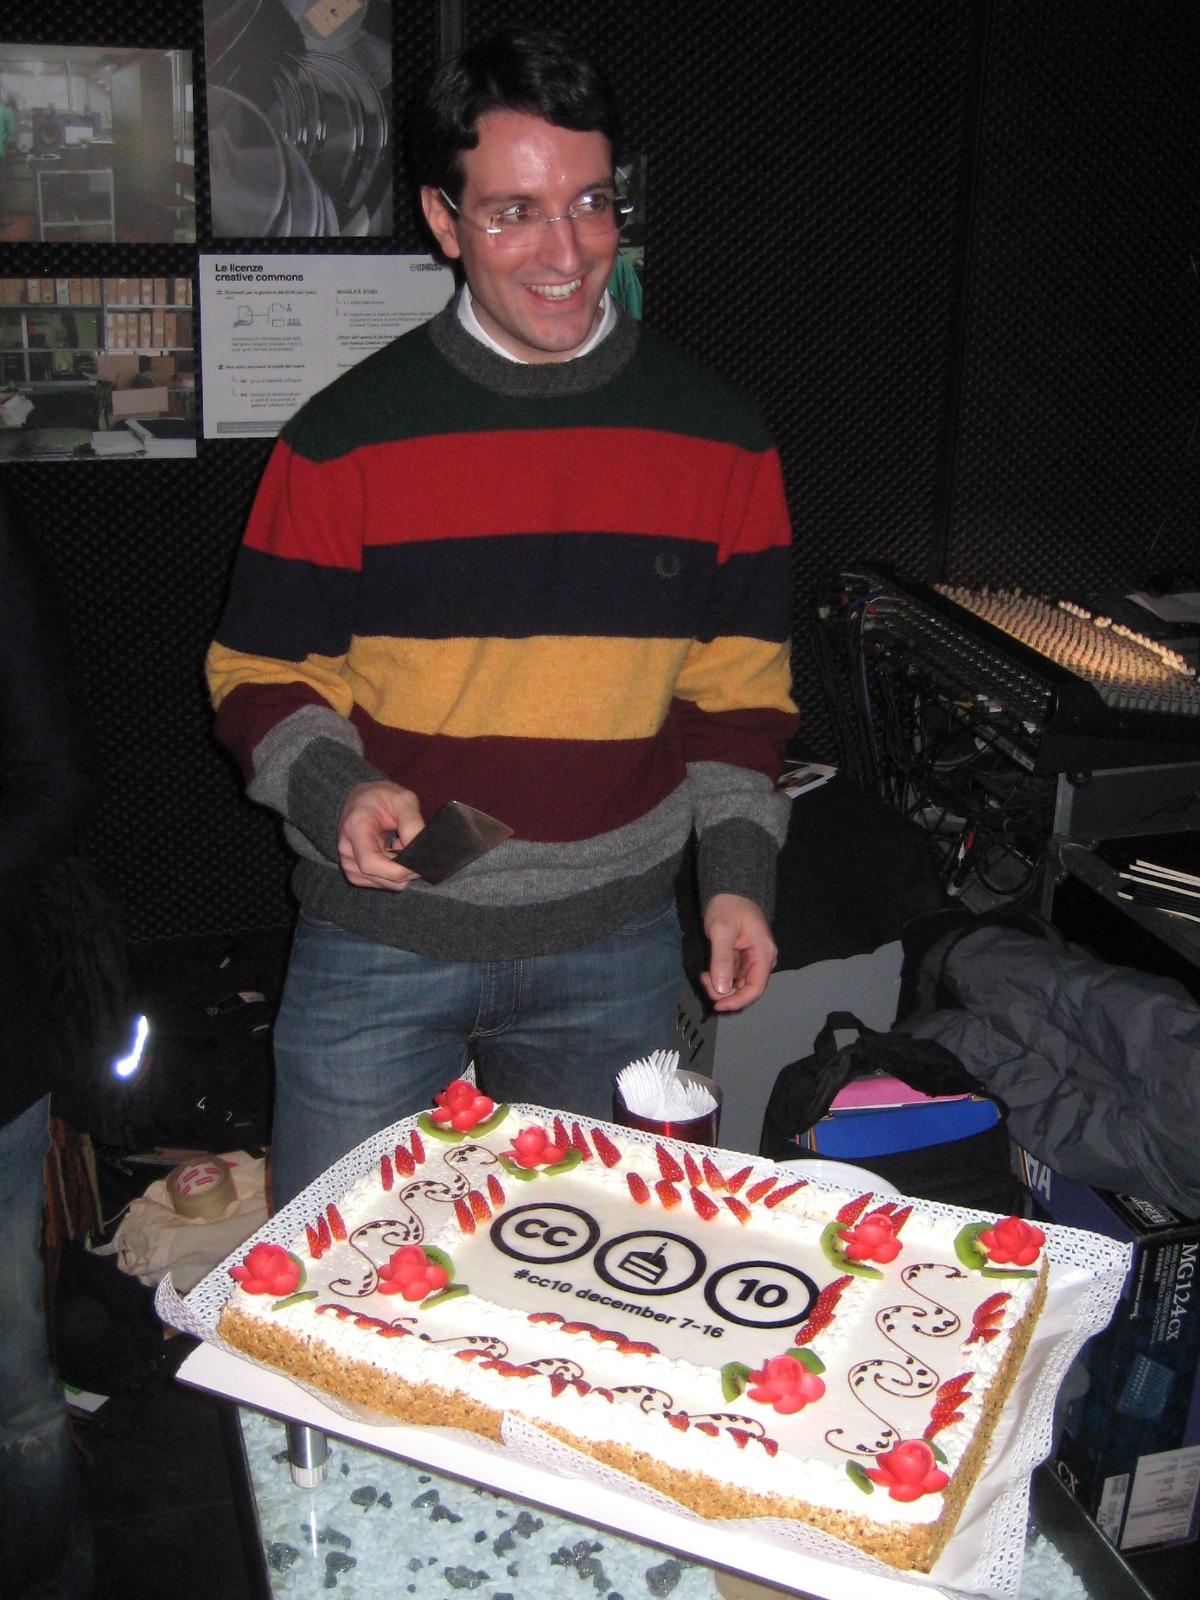 Morando taglia la torta da nuovo responsabile di Creative Commons Italia